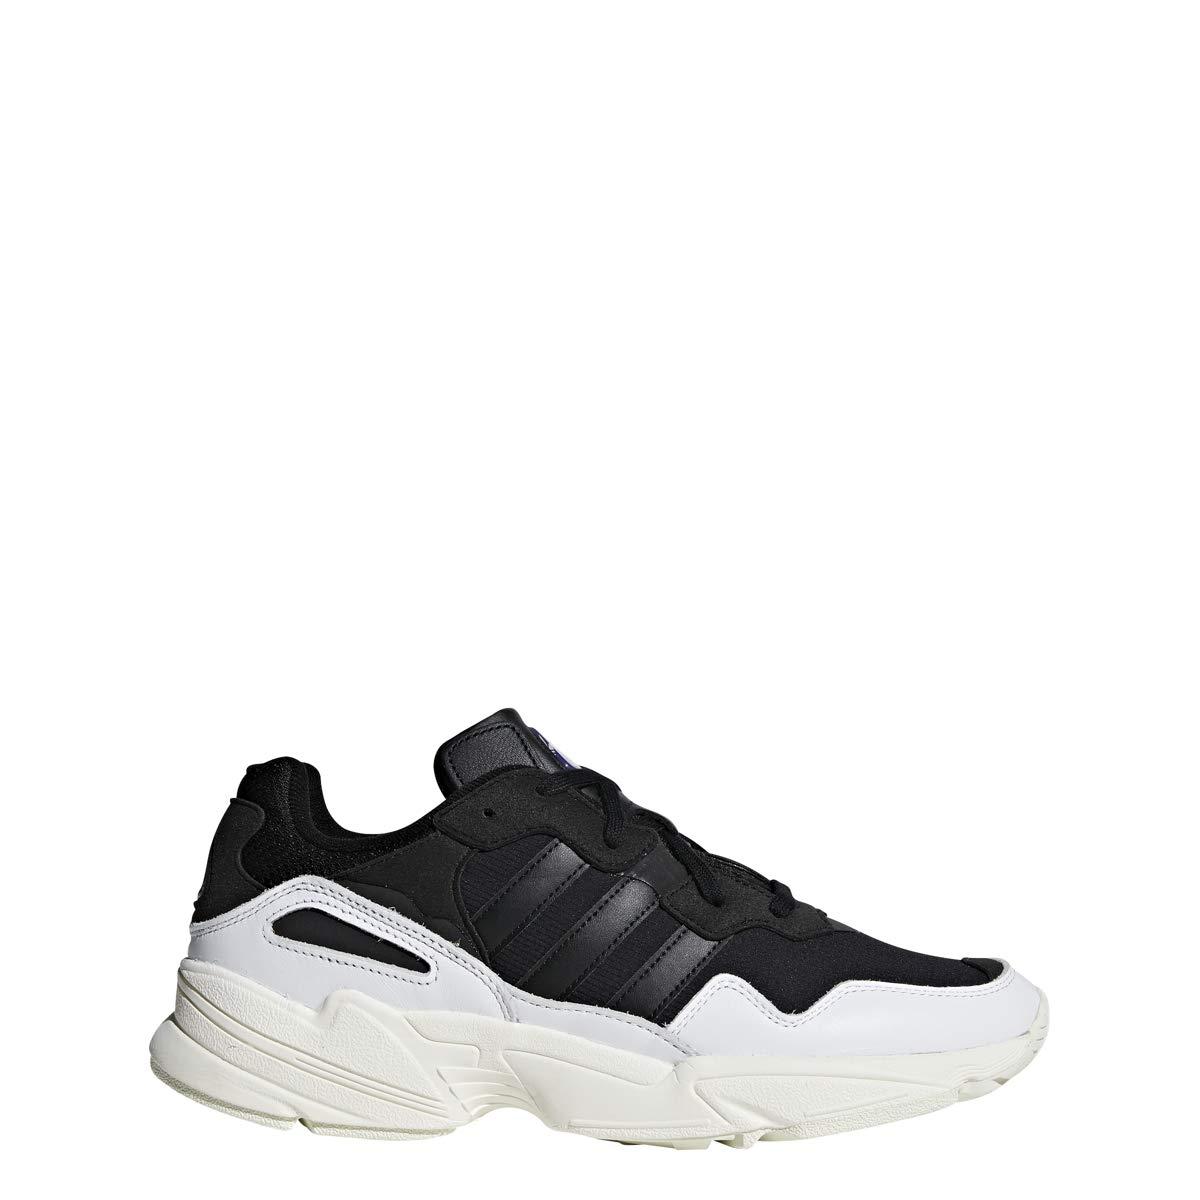 Yung Adidas 5